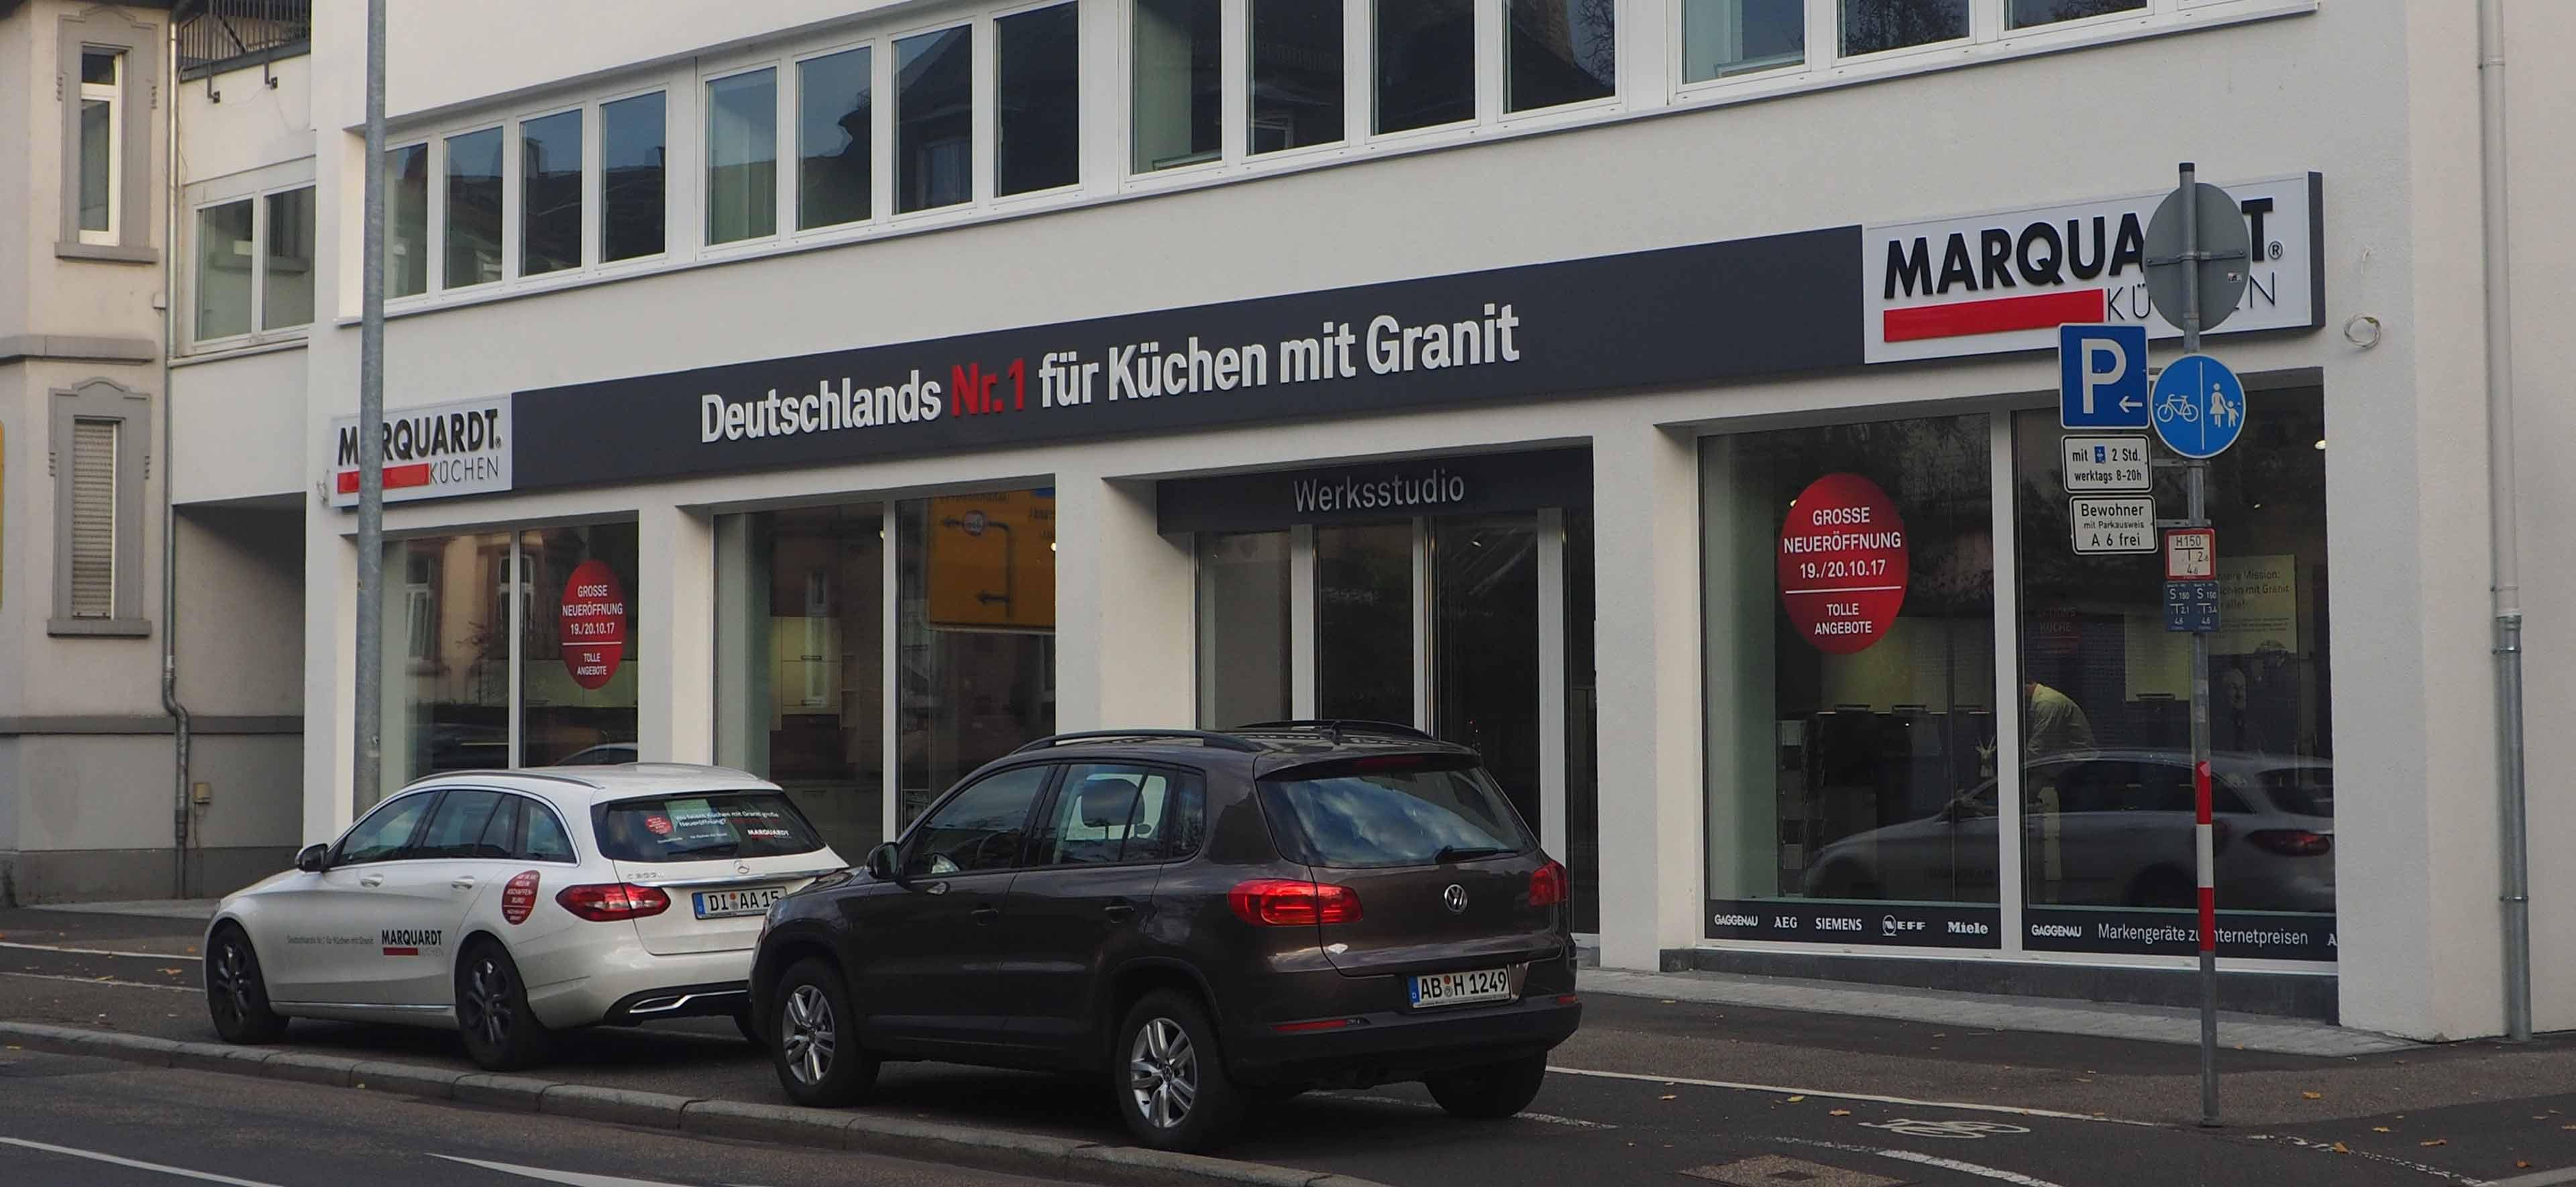 Kuchenstudio Aschaffenburg Marquardt Kuchen